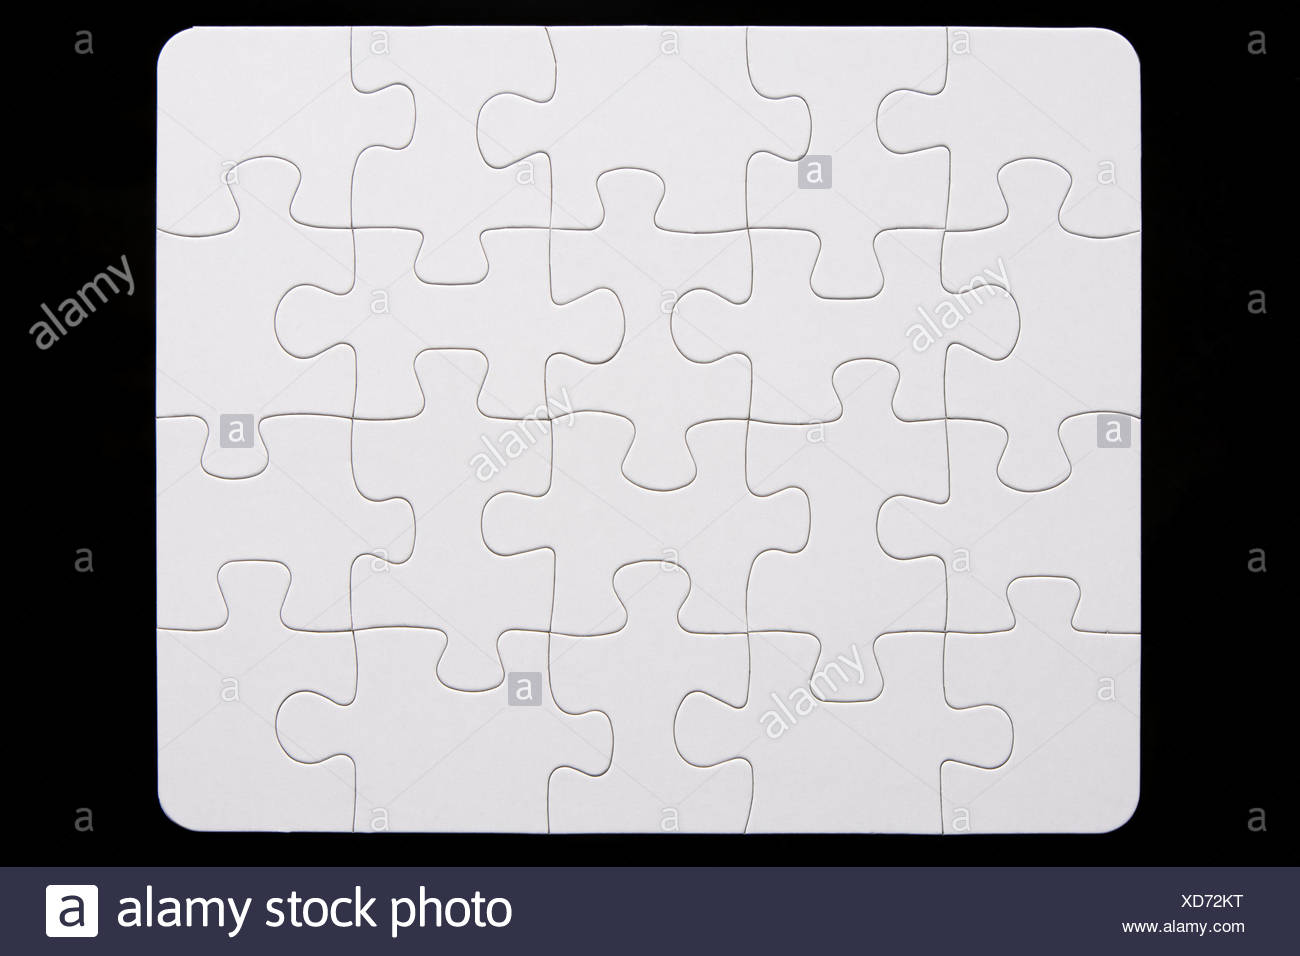 Ausgezeichnet Große Puzzleteil Vorlage Ideen - Beispiel Anschreiben ...